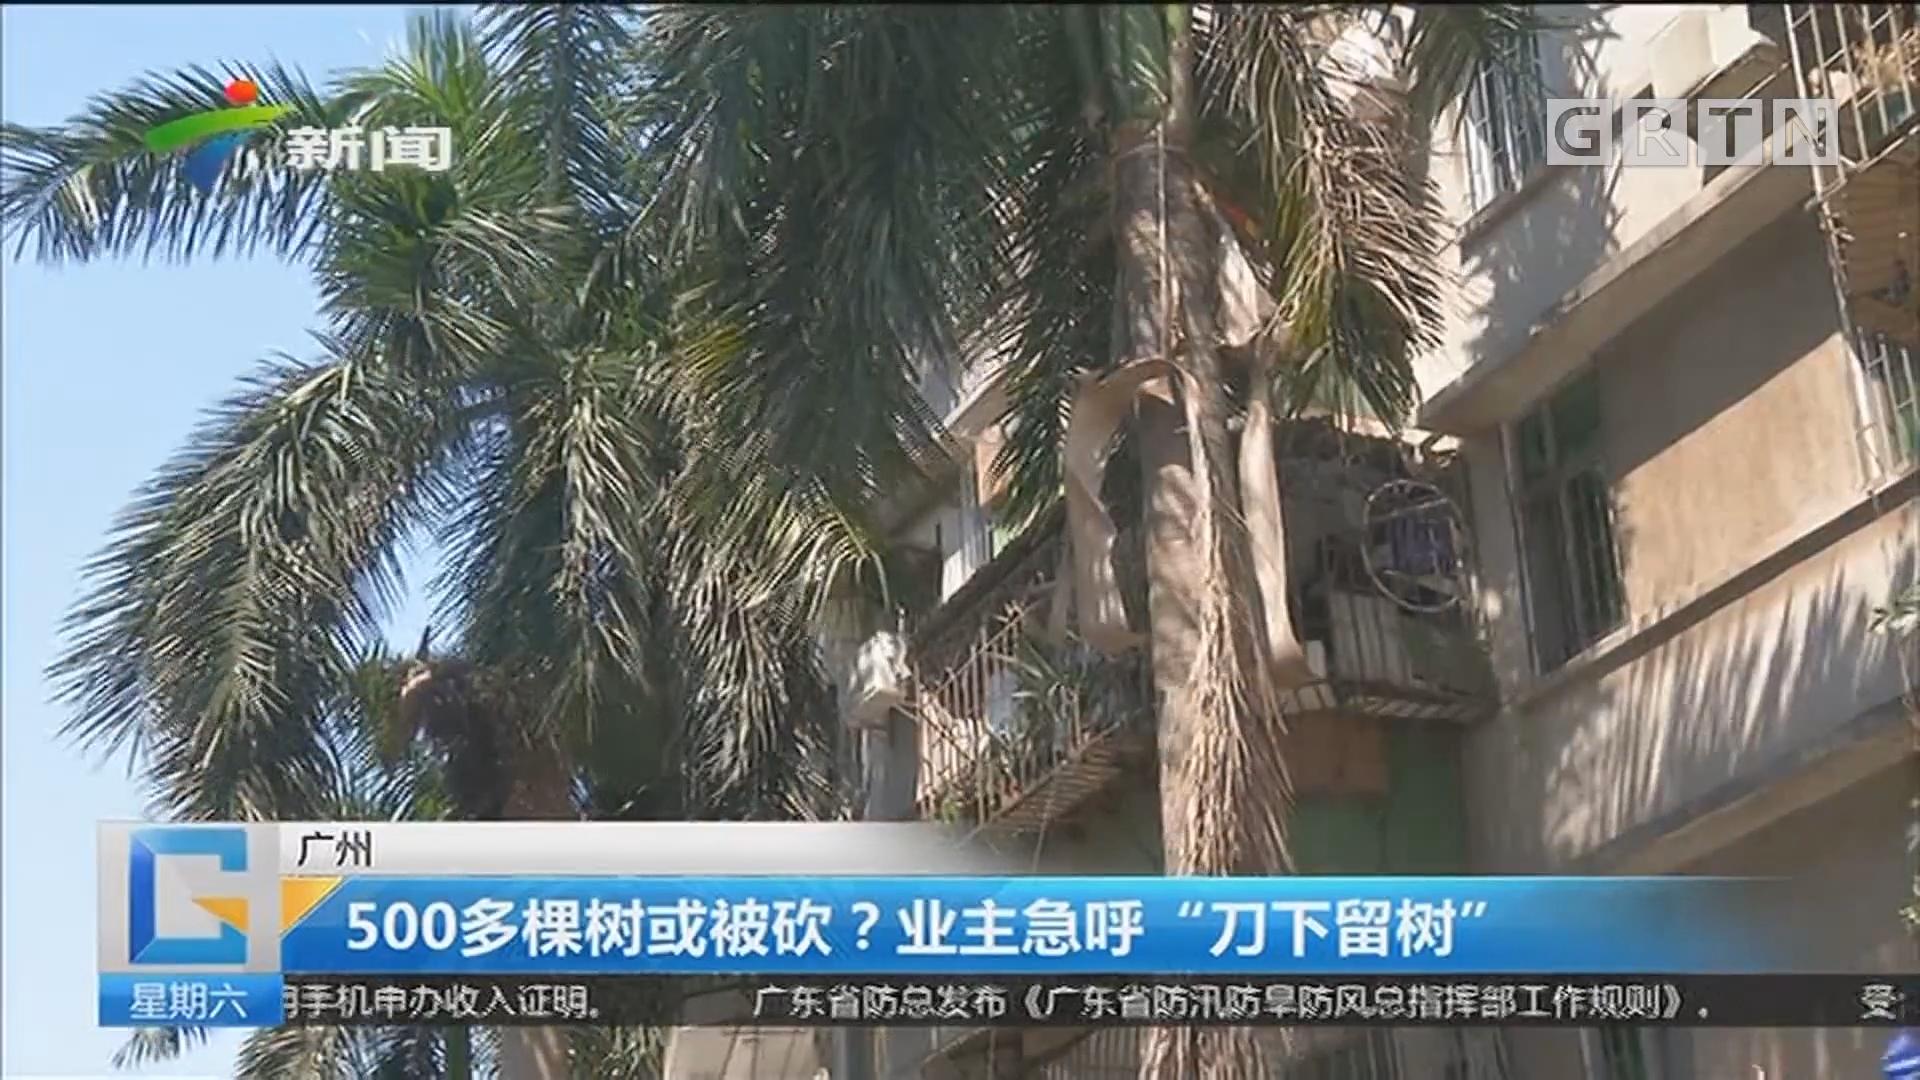 """广州:500多棵树或被砍?业主急呼""""刀下留树"""""""